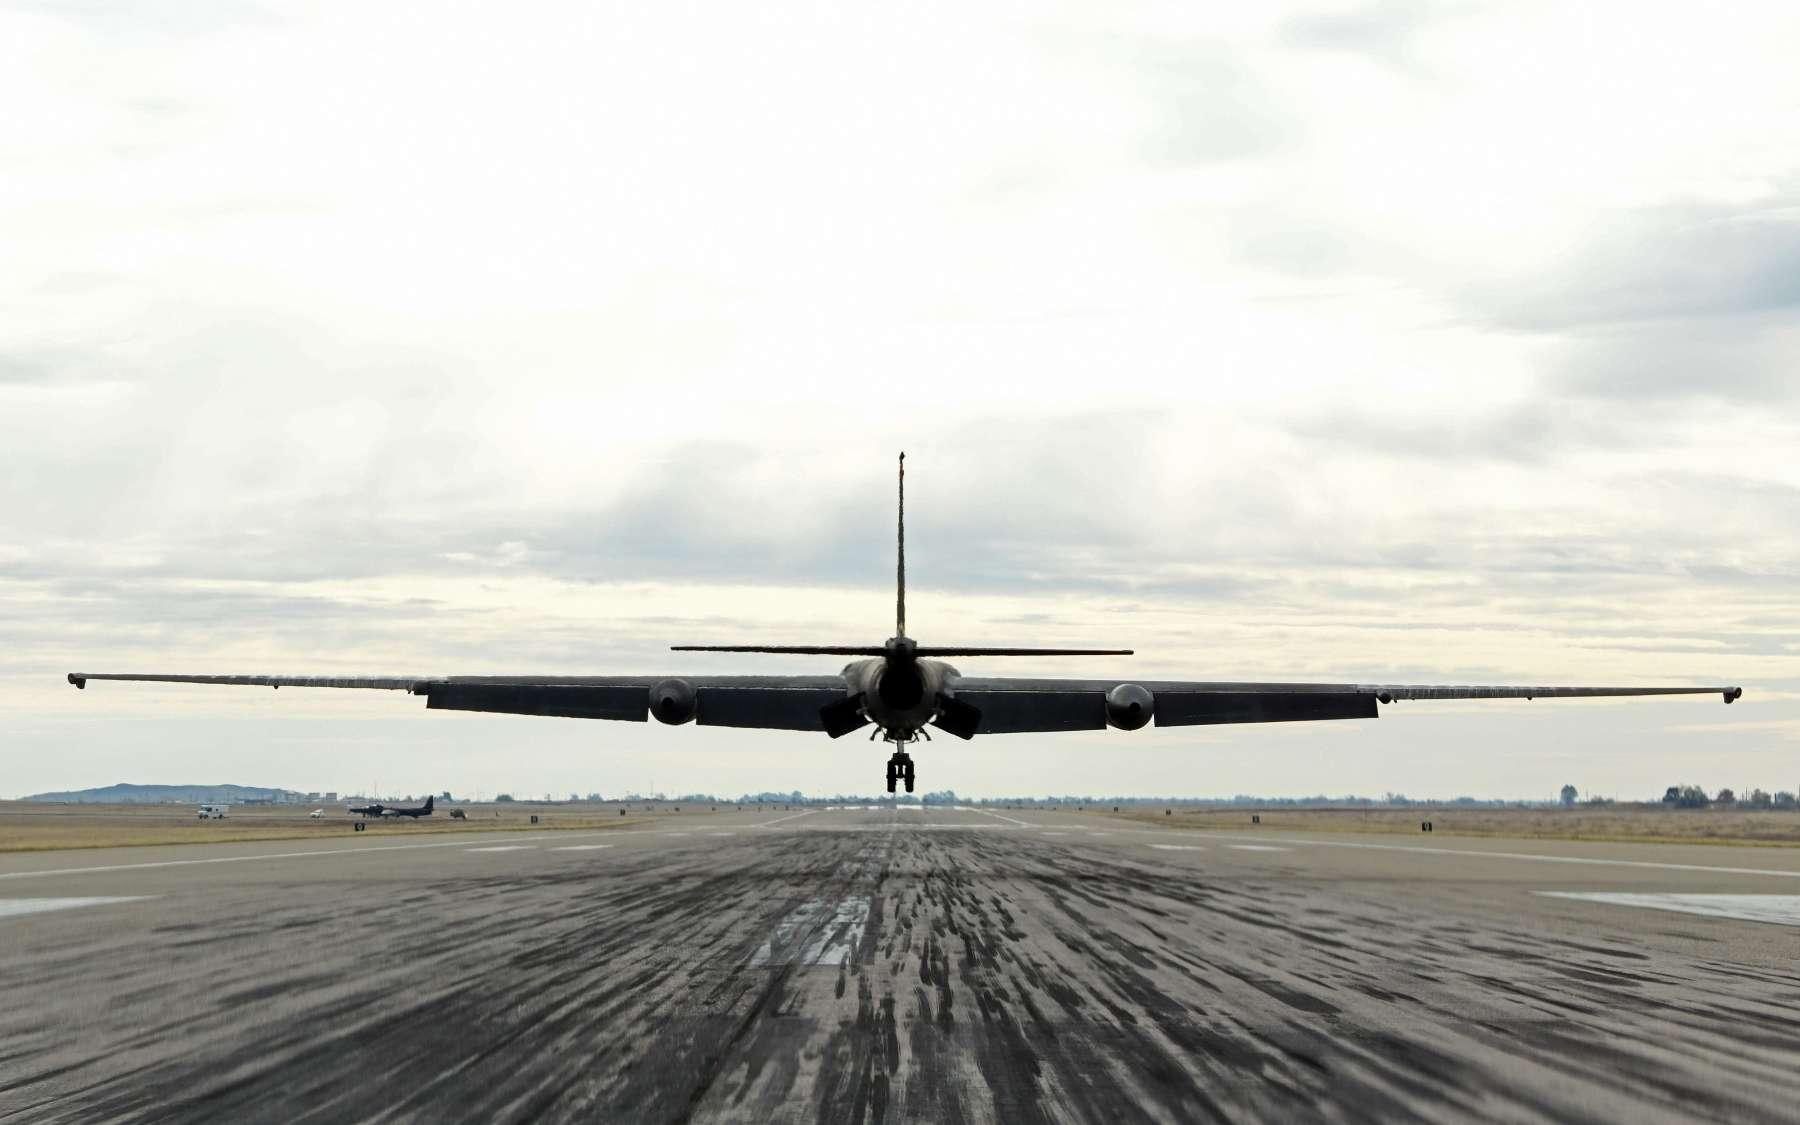 Un avion U-2 Dragon Lady décolle aux États-Unis, embarquant pour la première une intelligence artificielle. © A1C Luis A.Ruiz-Vazquez